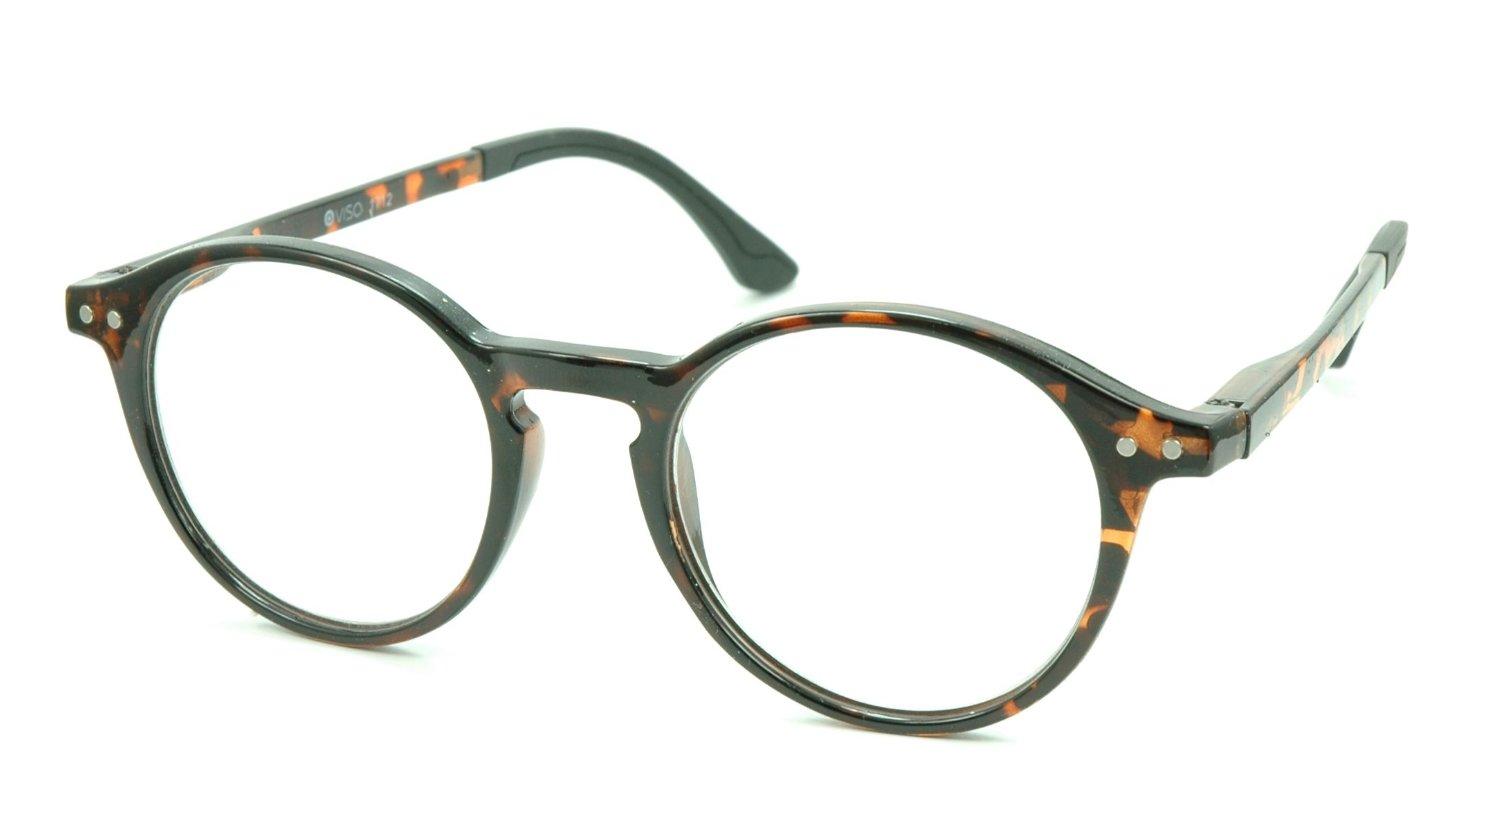 Image of Visa Reading Glasses (#111712) Tortoise Brown